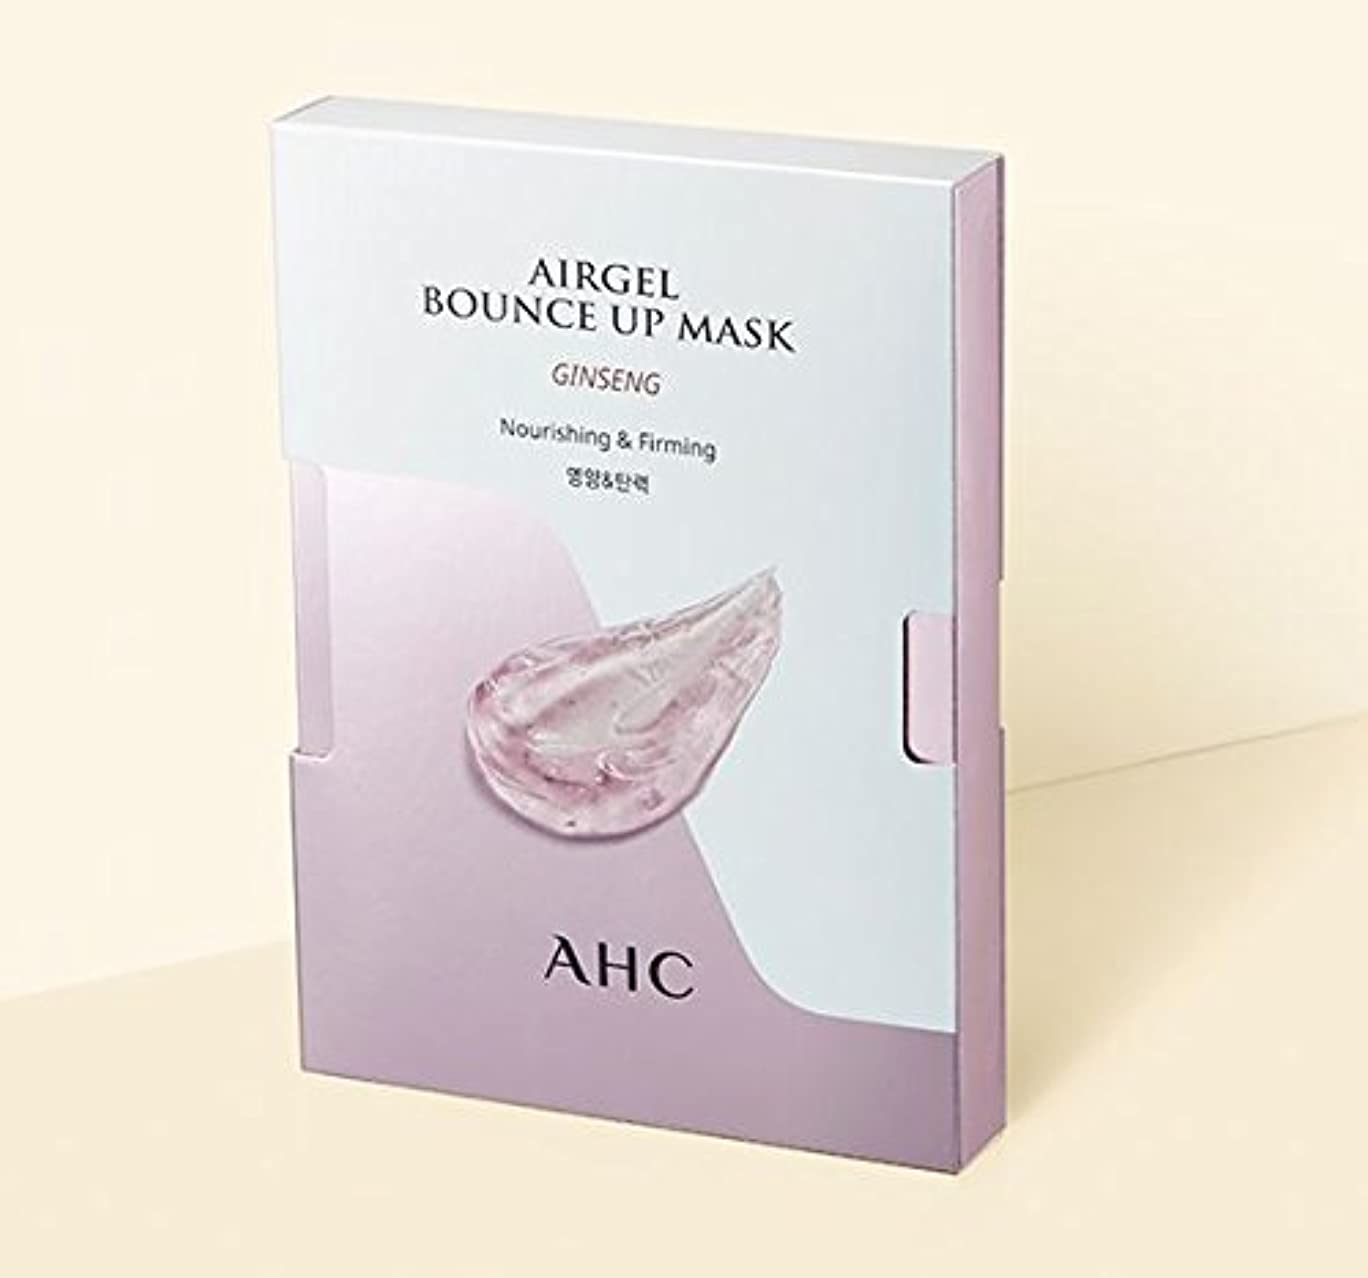 スラダムペルメル懺悔[A.H.C] Airgel Bounce Up Mask GINSENG (Nourishing&Firming)30g*5sheet/ジンセンエアゲルマスク30g*5枚 [並行輸入品]